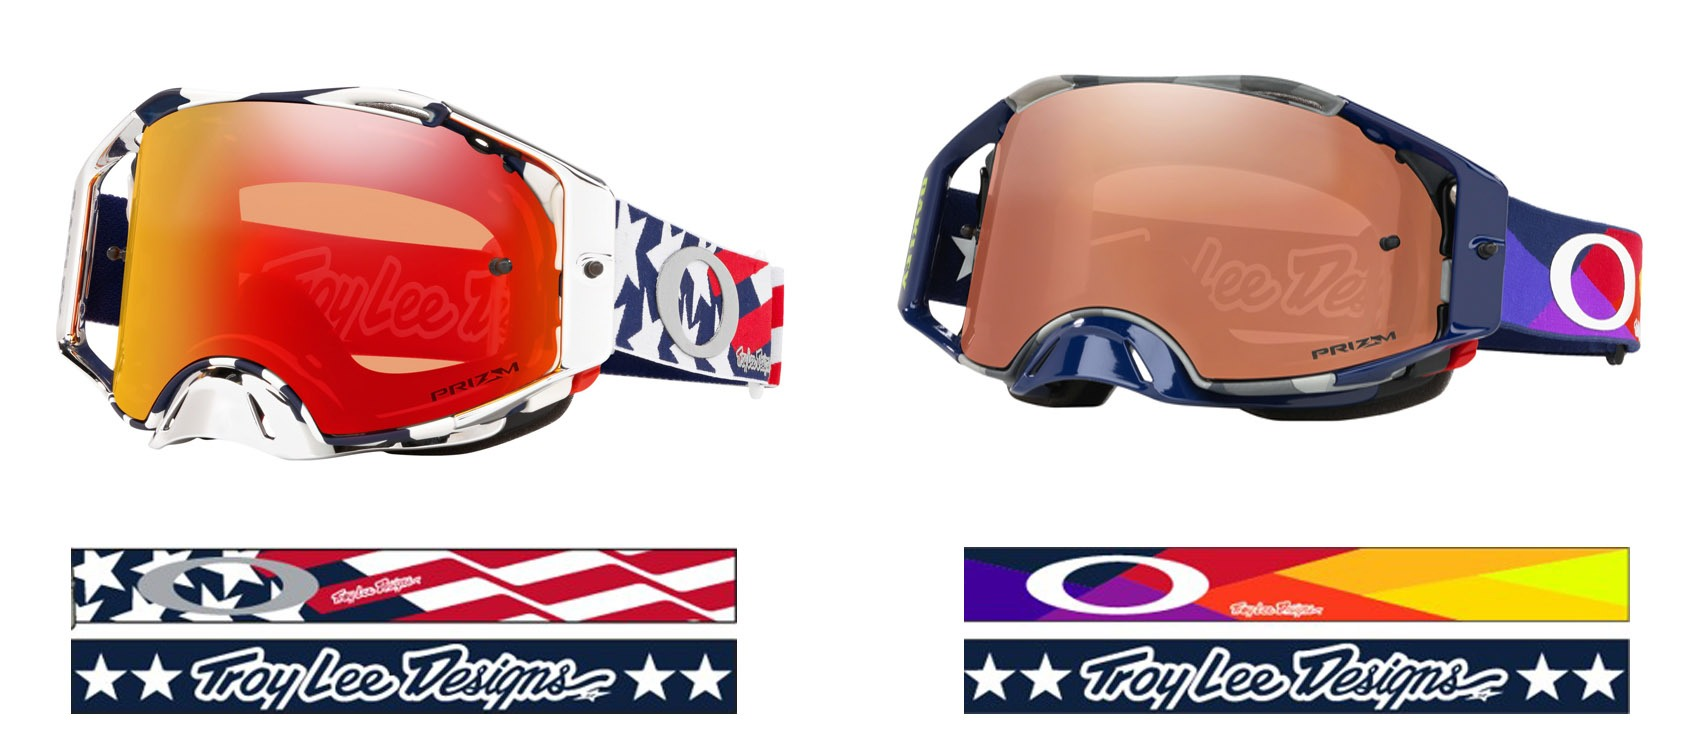 Imagen de detalle de la colección exclusiva de gafas Oakley Airbrake MX Troy Lee designs, distribuida por Bihr